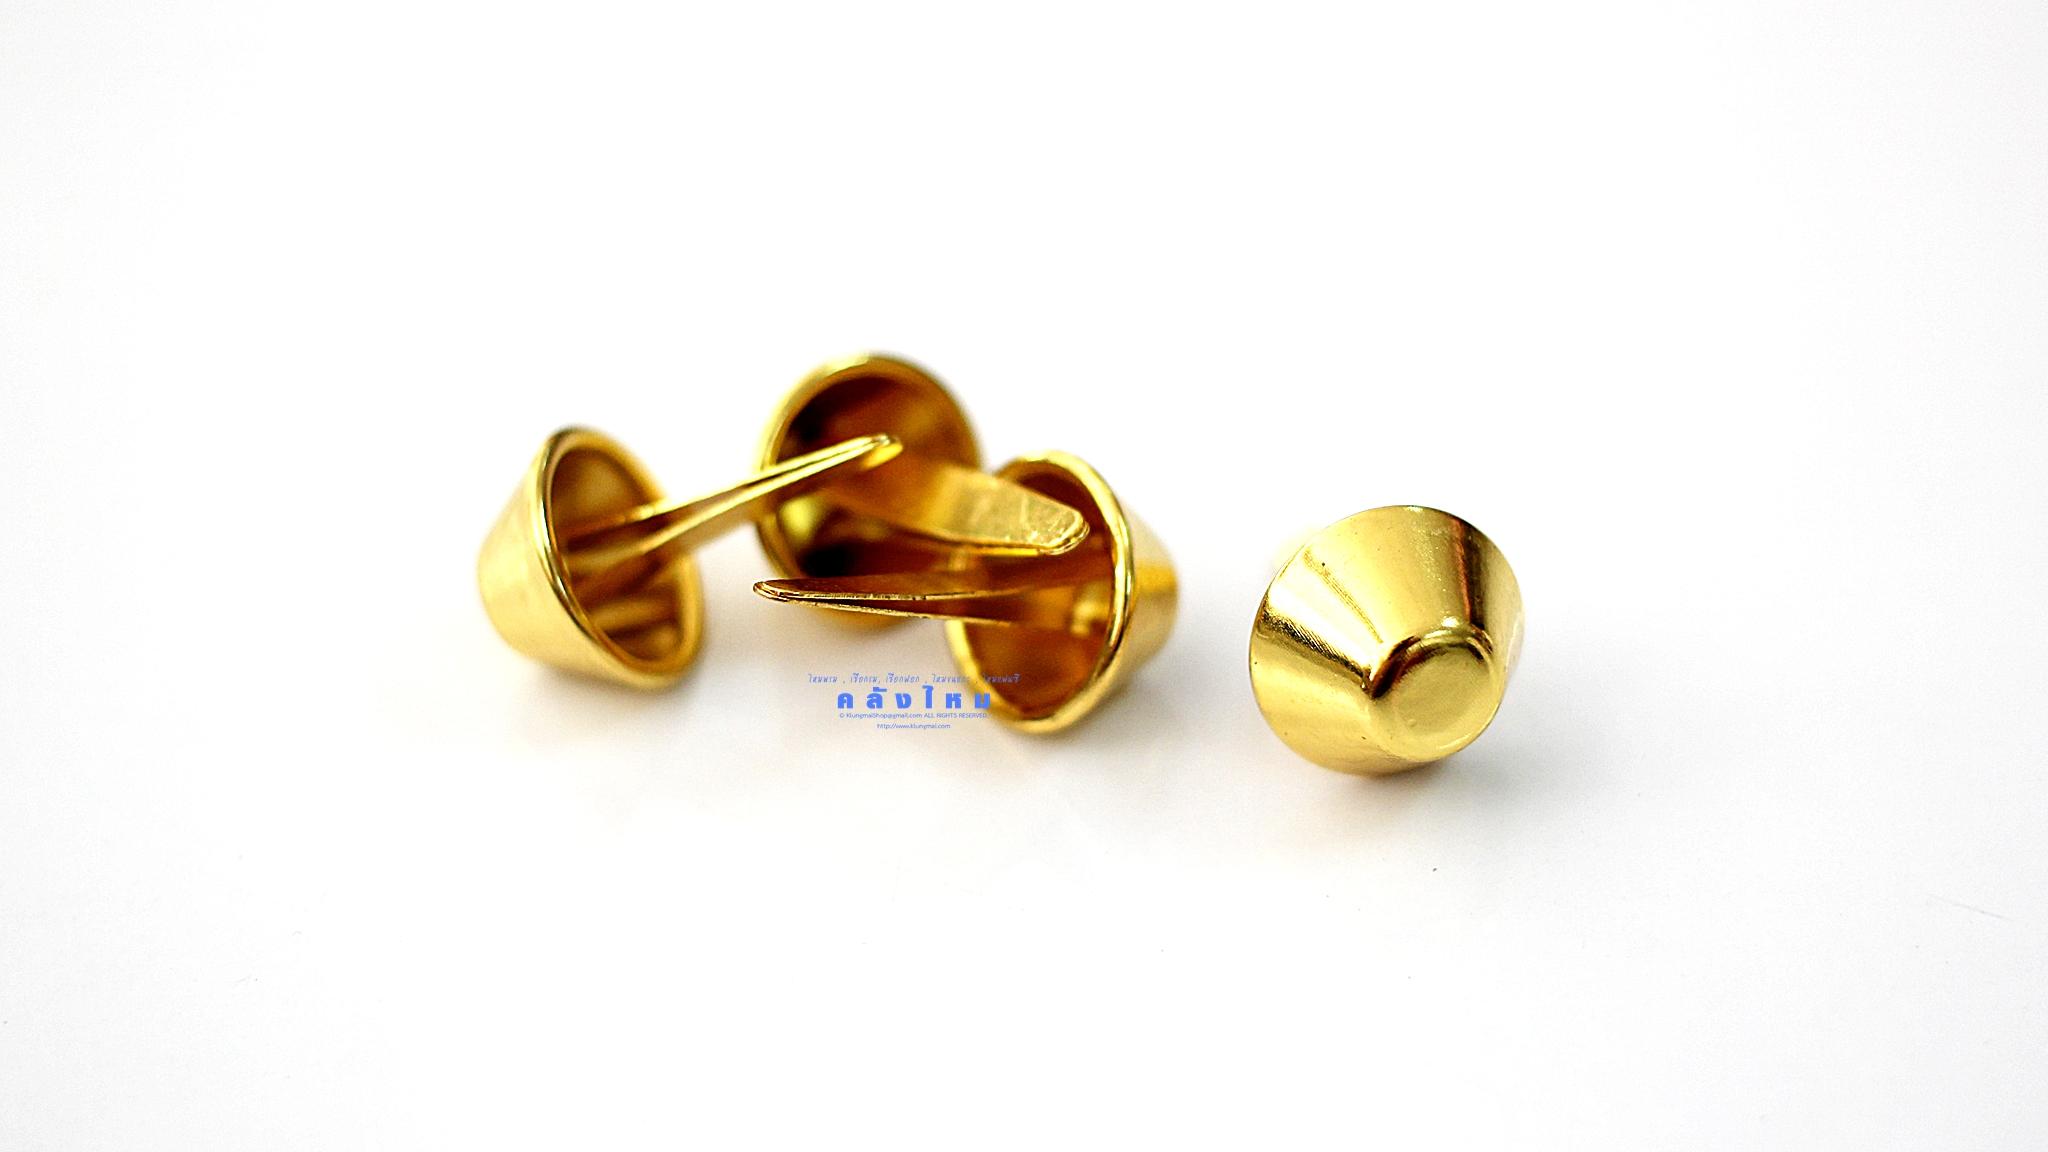 หมุดรองก้นกระเป๋า กรวยตัดเล็ก สีทอง (แพ็คละ 4 ชิ้น)